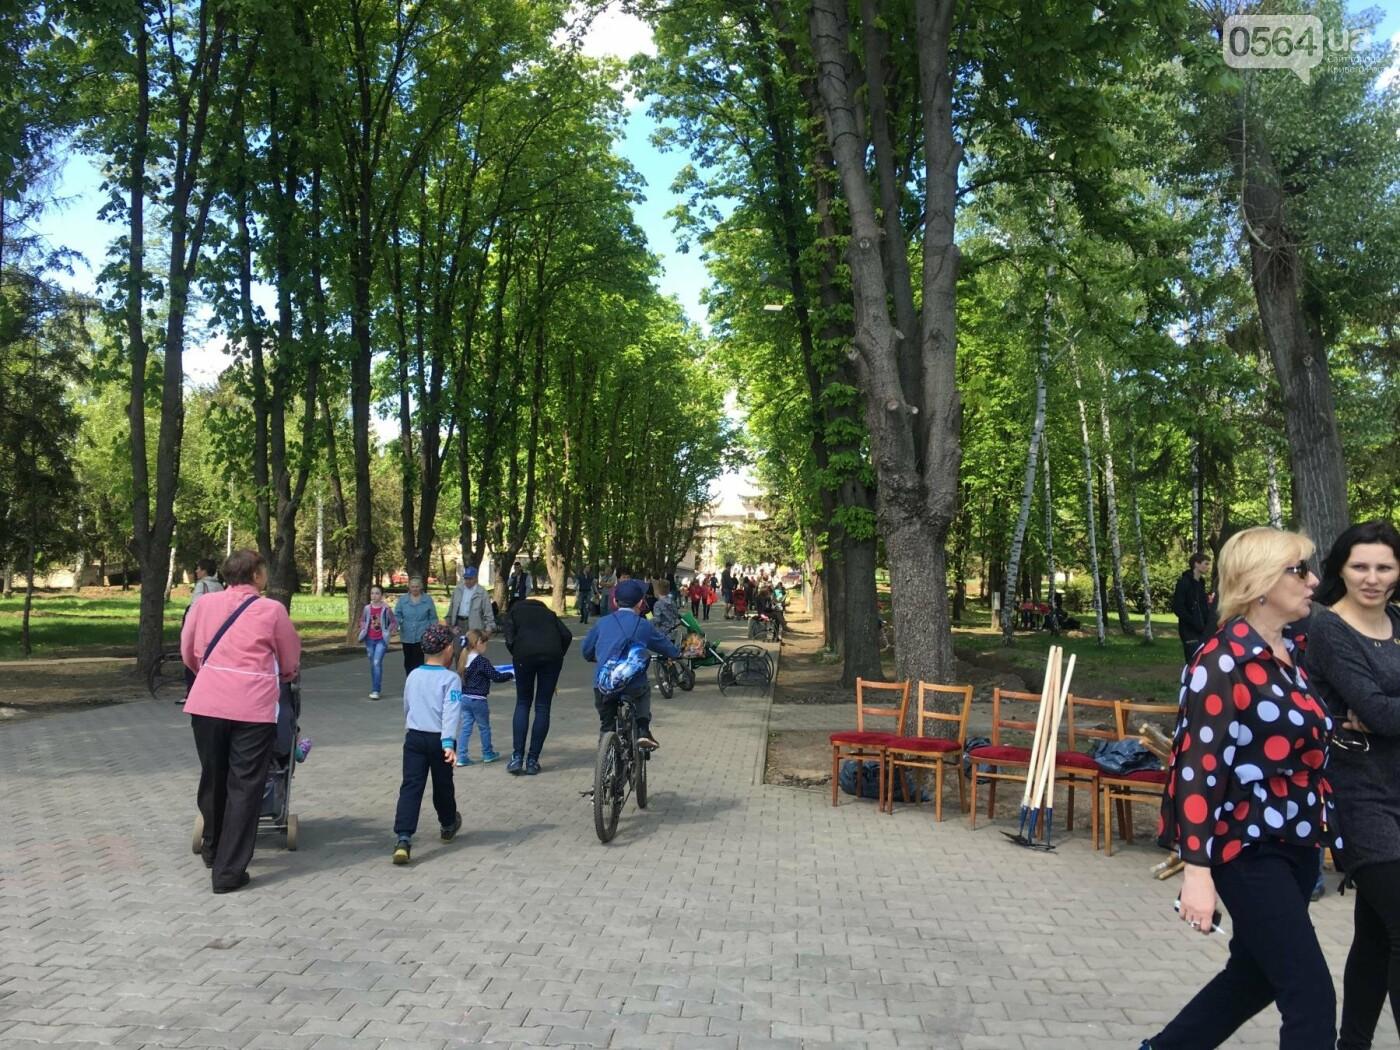 """""""В Европу без мусора!"""": криворожане помогли подготовить парк к Еврофесту (ФОТО), фото-78"""